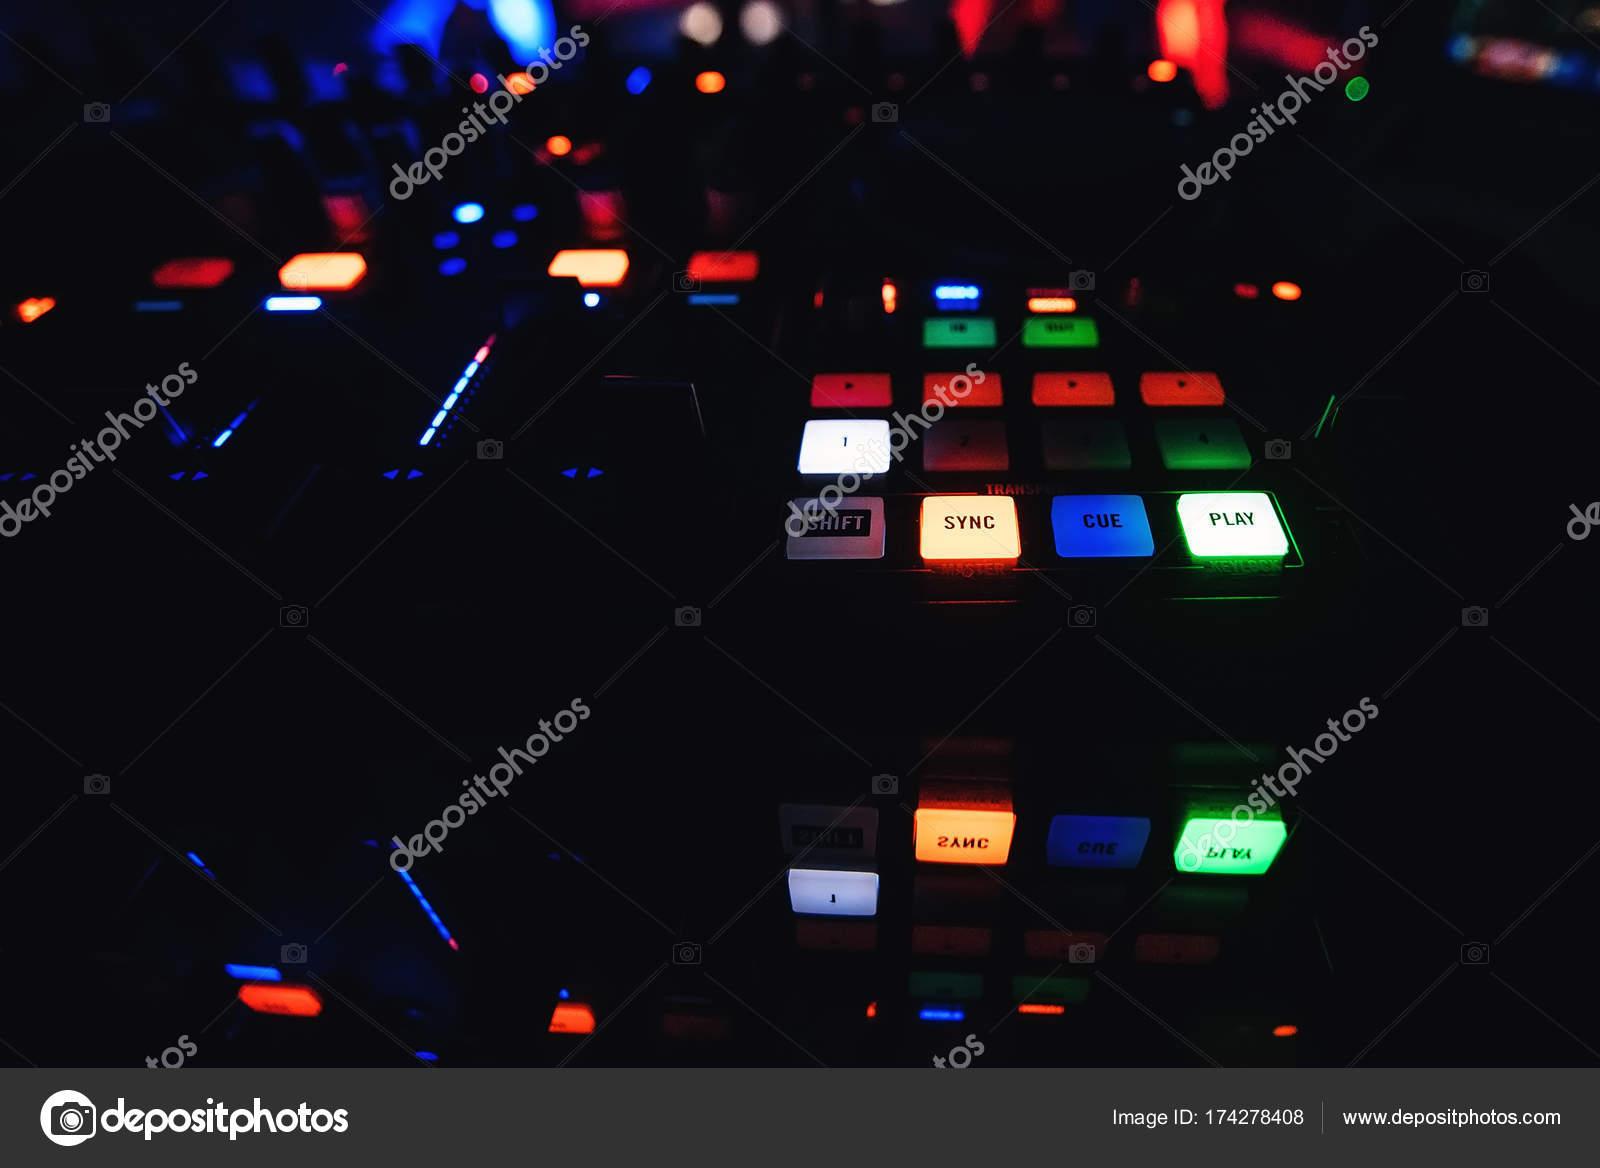 Pulsanti mixer dj con illuminazione per creare e mixare la musica